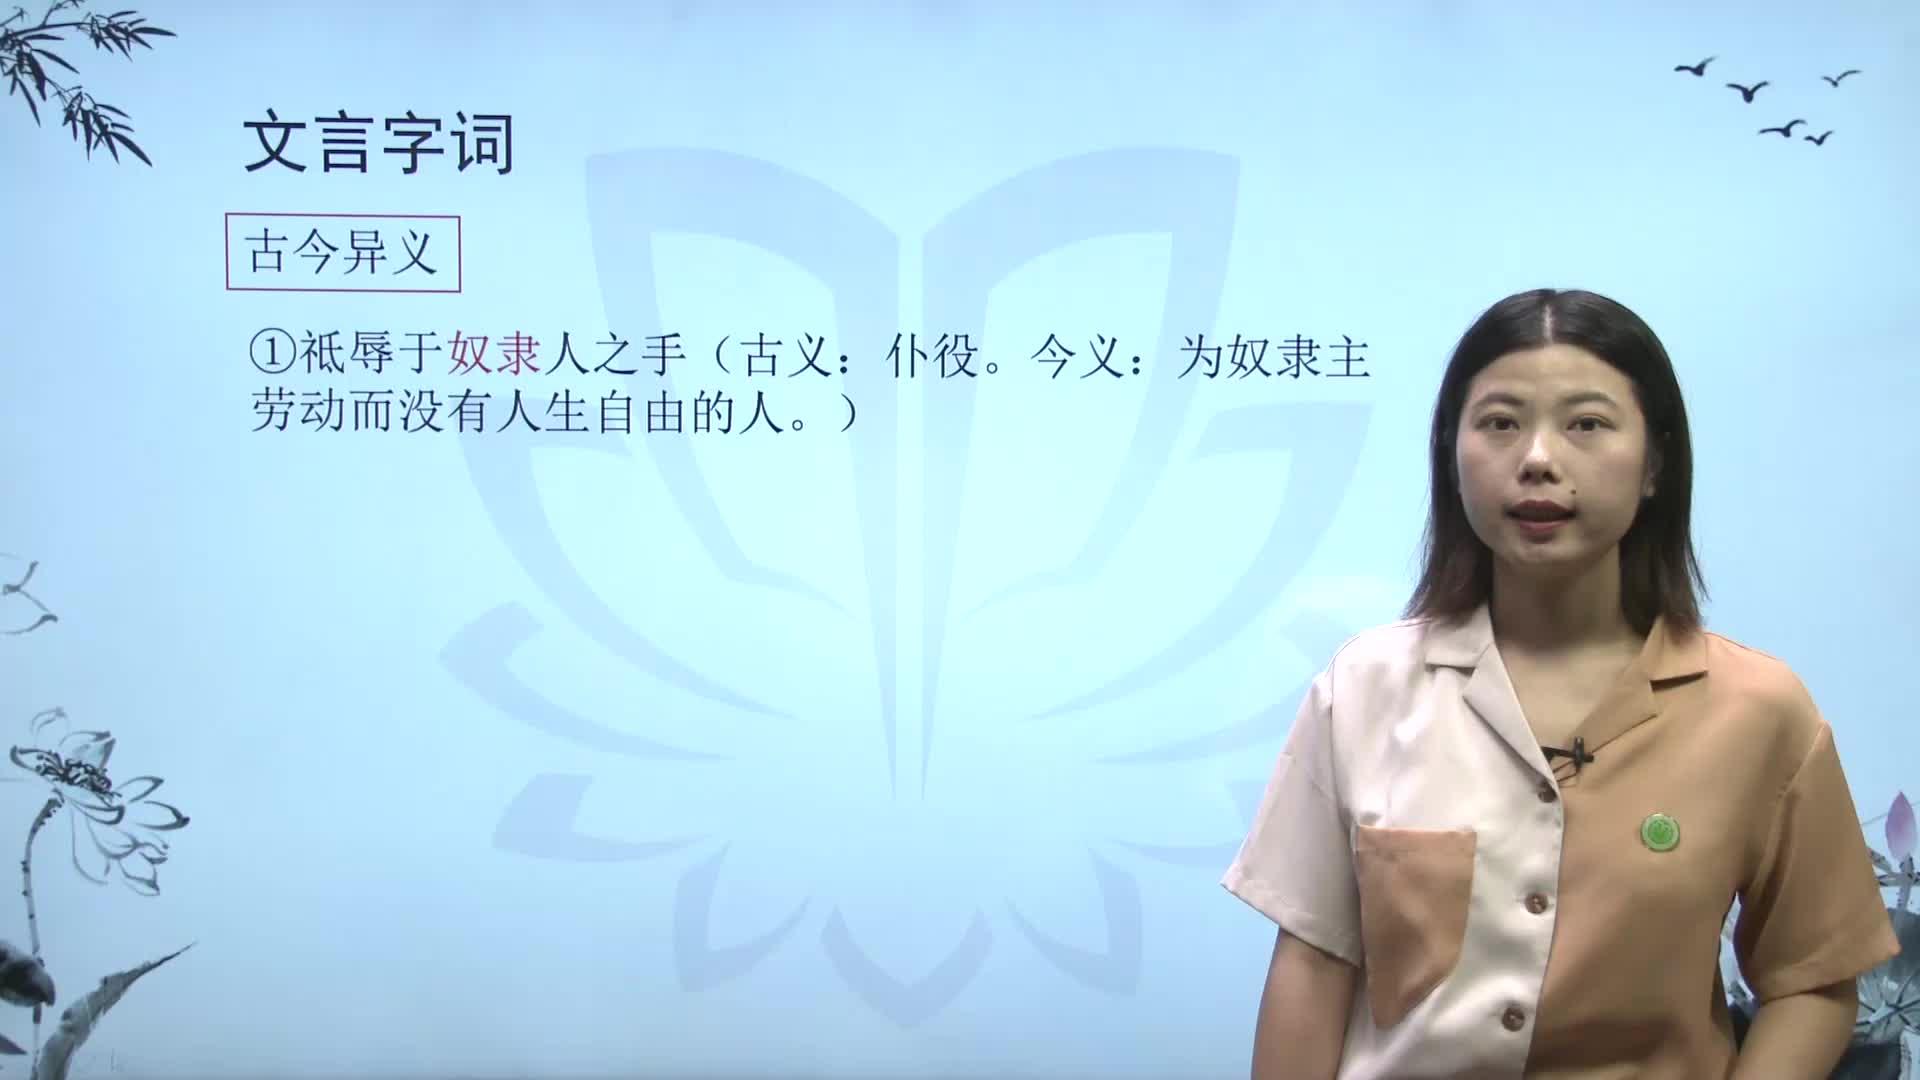 视频6.23.2马说【慕联】初中完全同步系列新编人教版(部编版)钱柜网站八年级下册